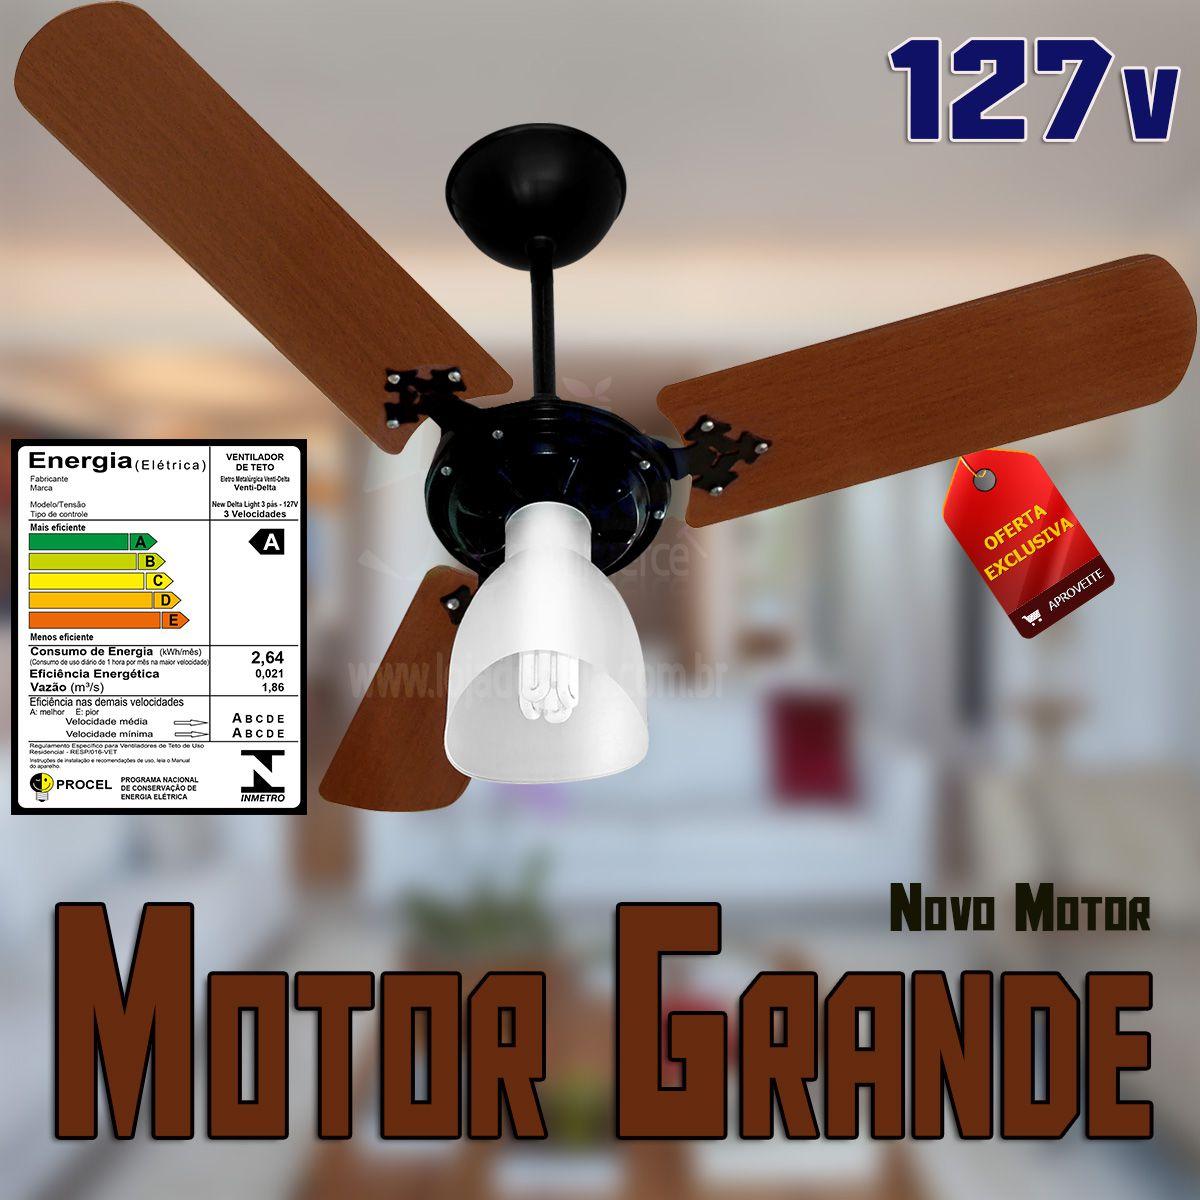 Ventilador De Teto Delta Light Novo Motor Grande Preto com Pás Marrom 127v c/Globo 3 Velocidades